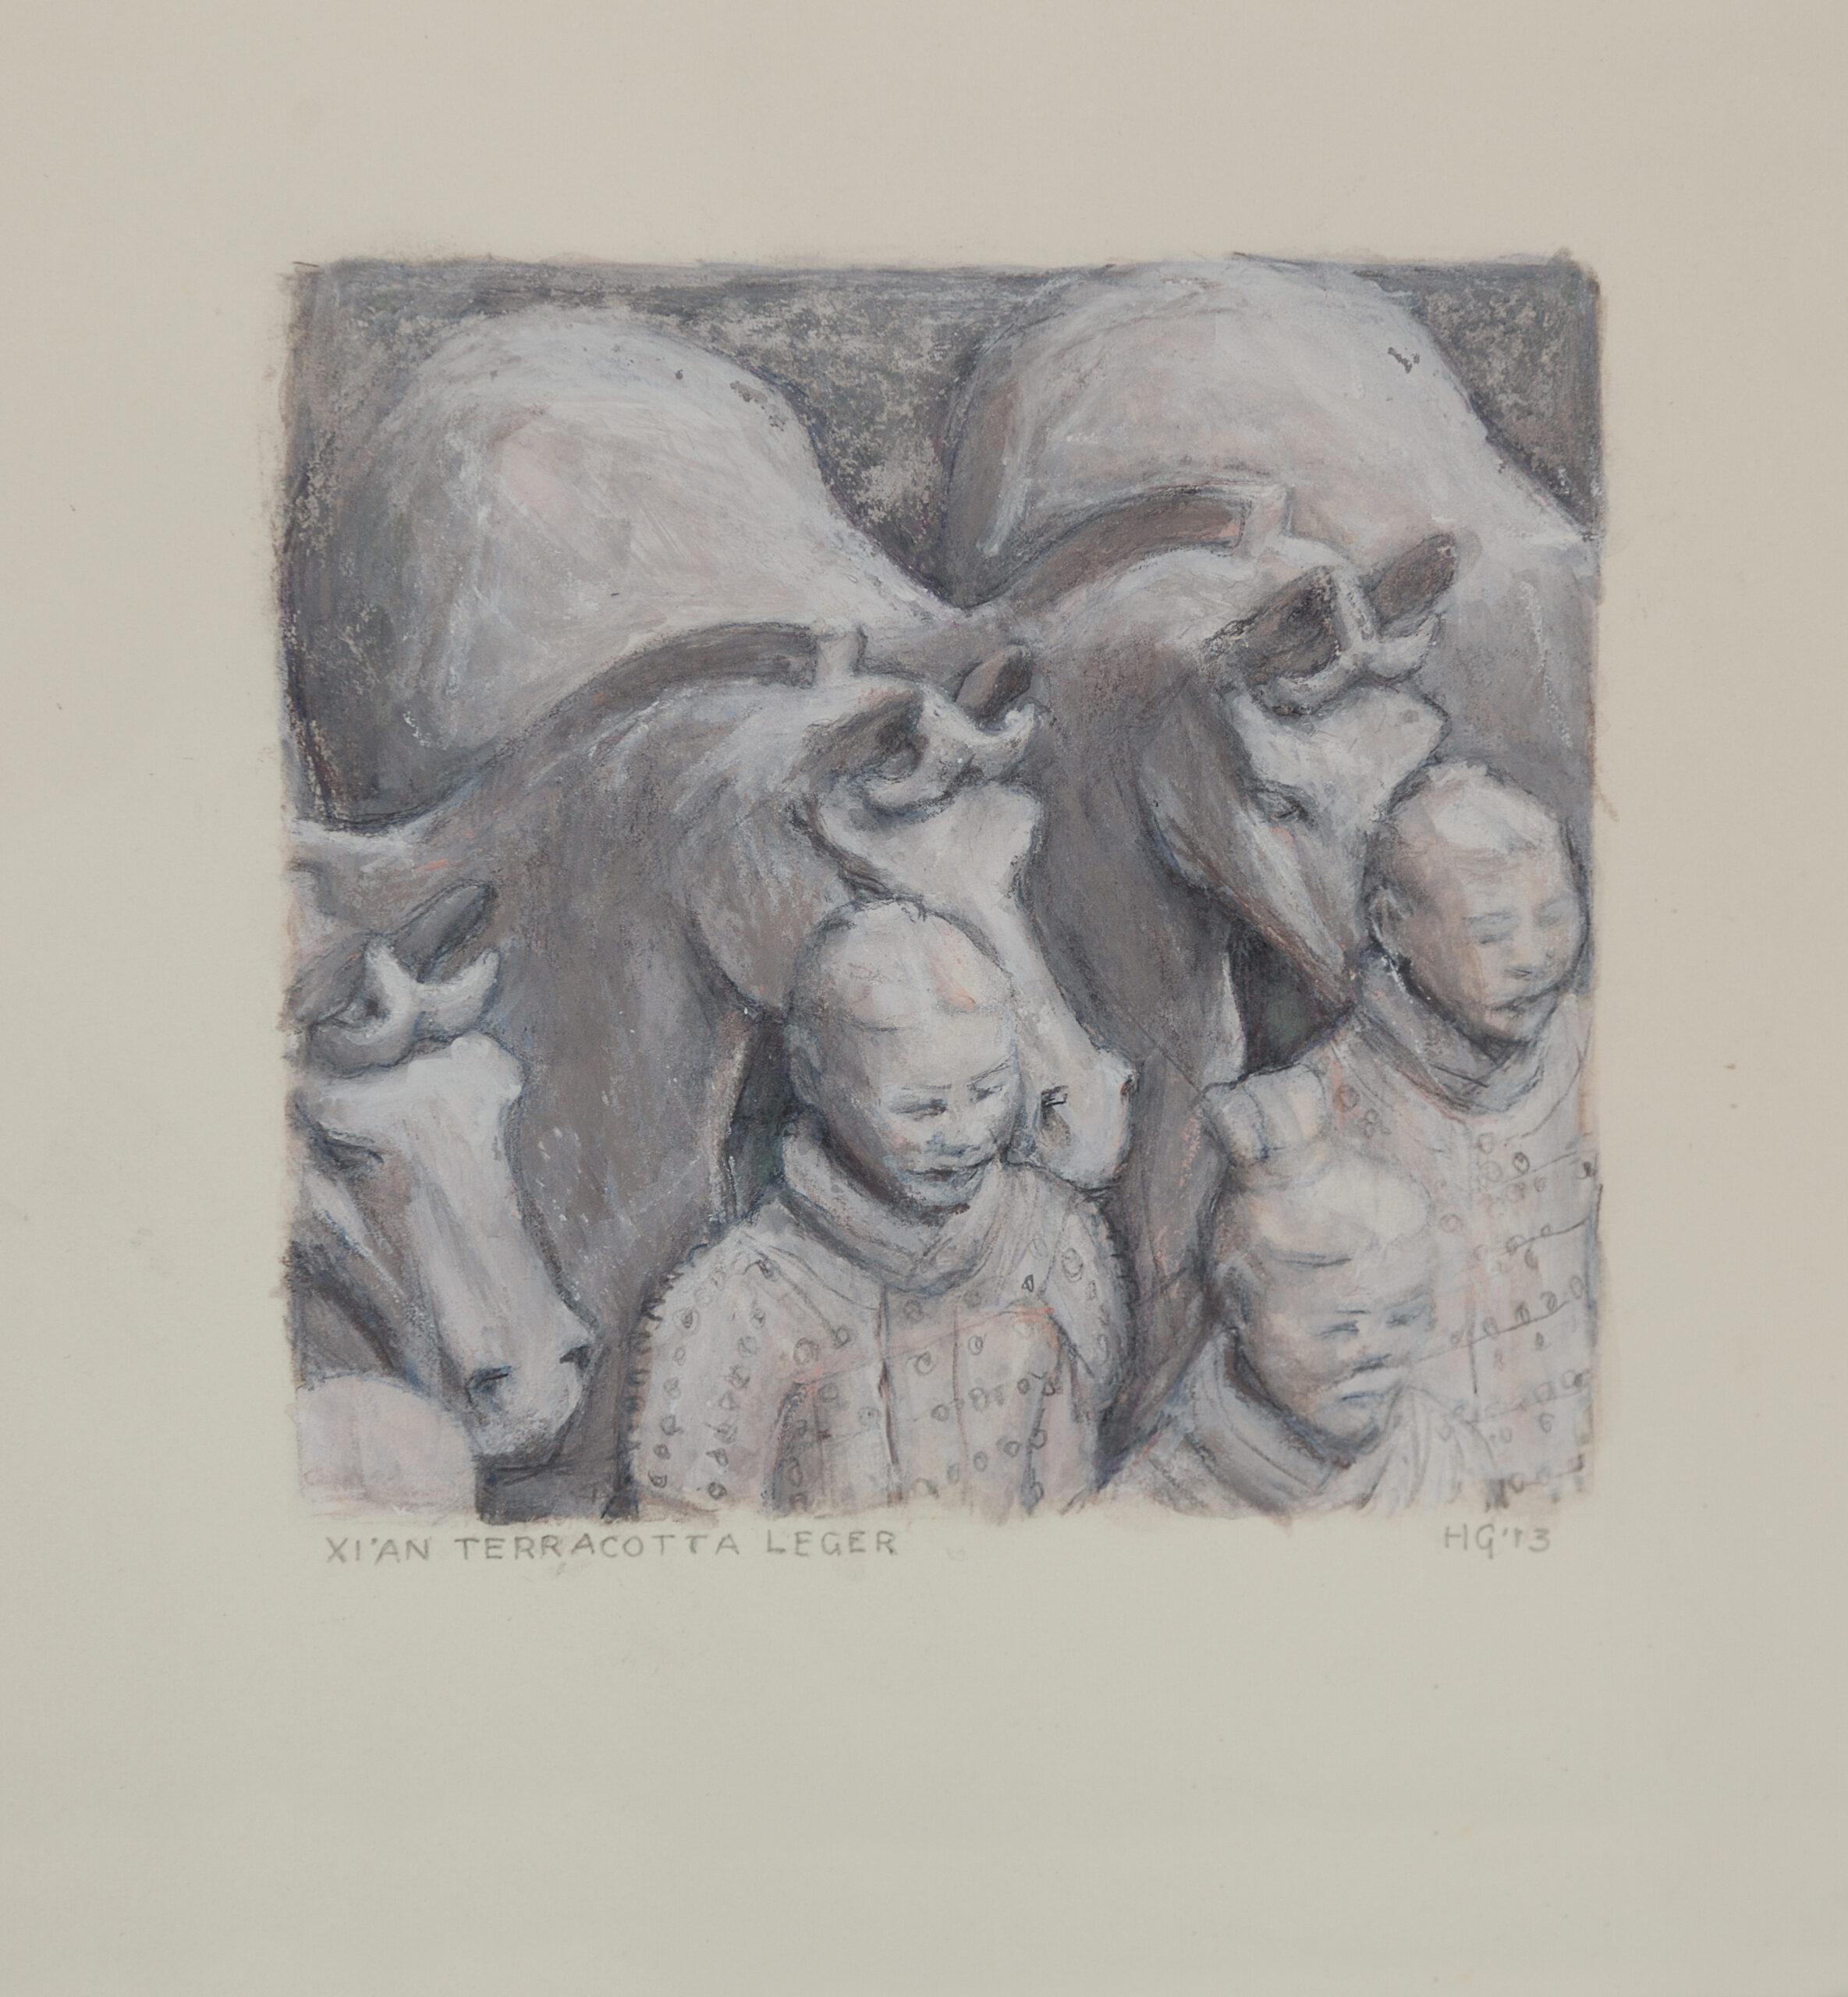 32.Hetty-Geursen_China_Xi-An-Terracotta-leger